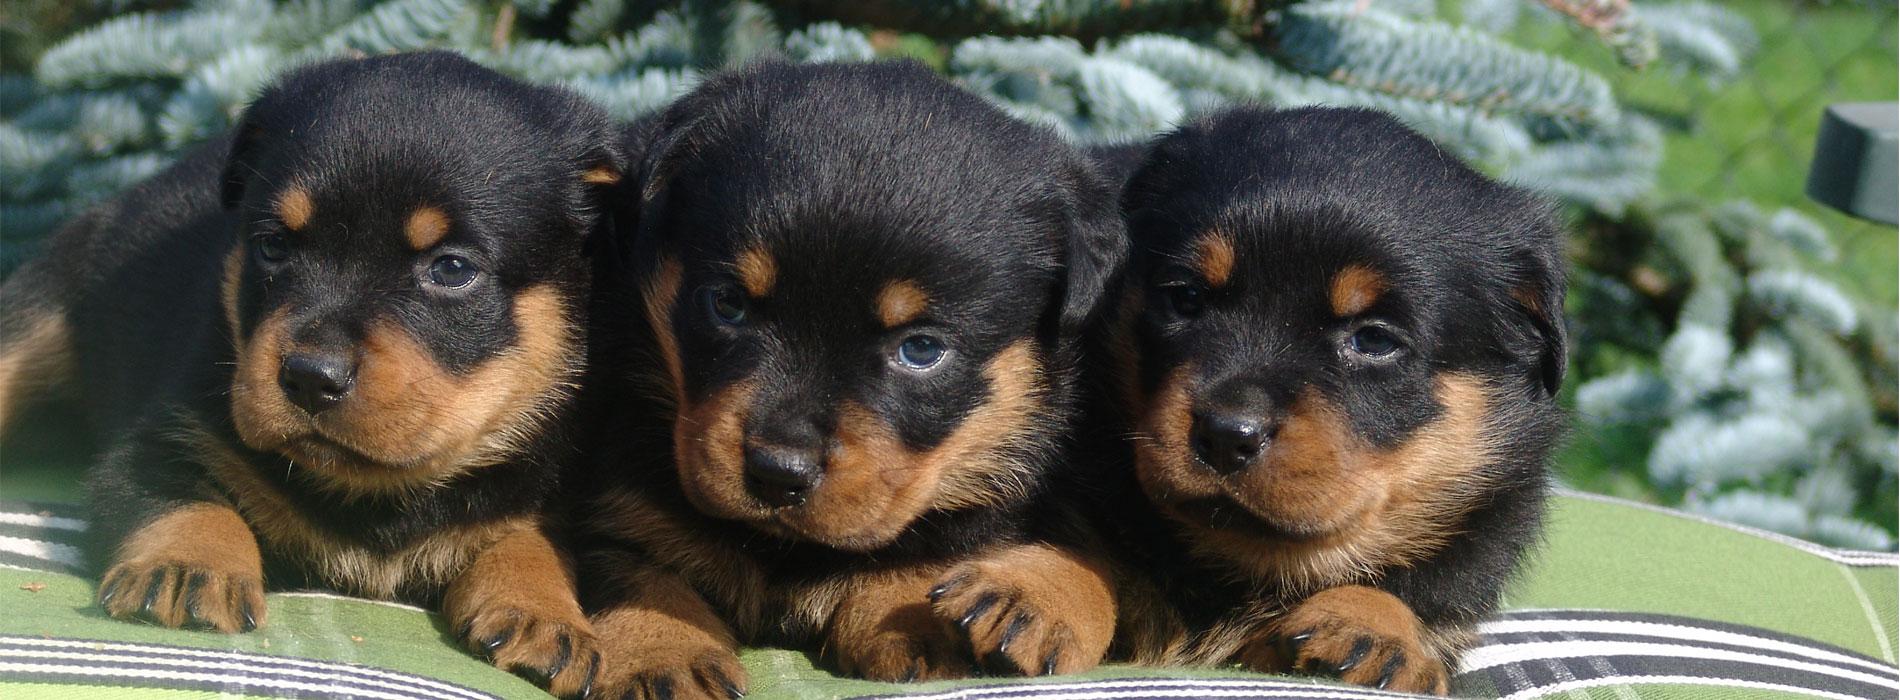 Rottweiler puppies Laarbeekhoeve